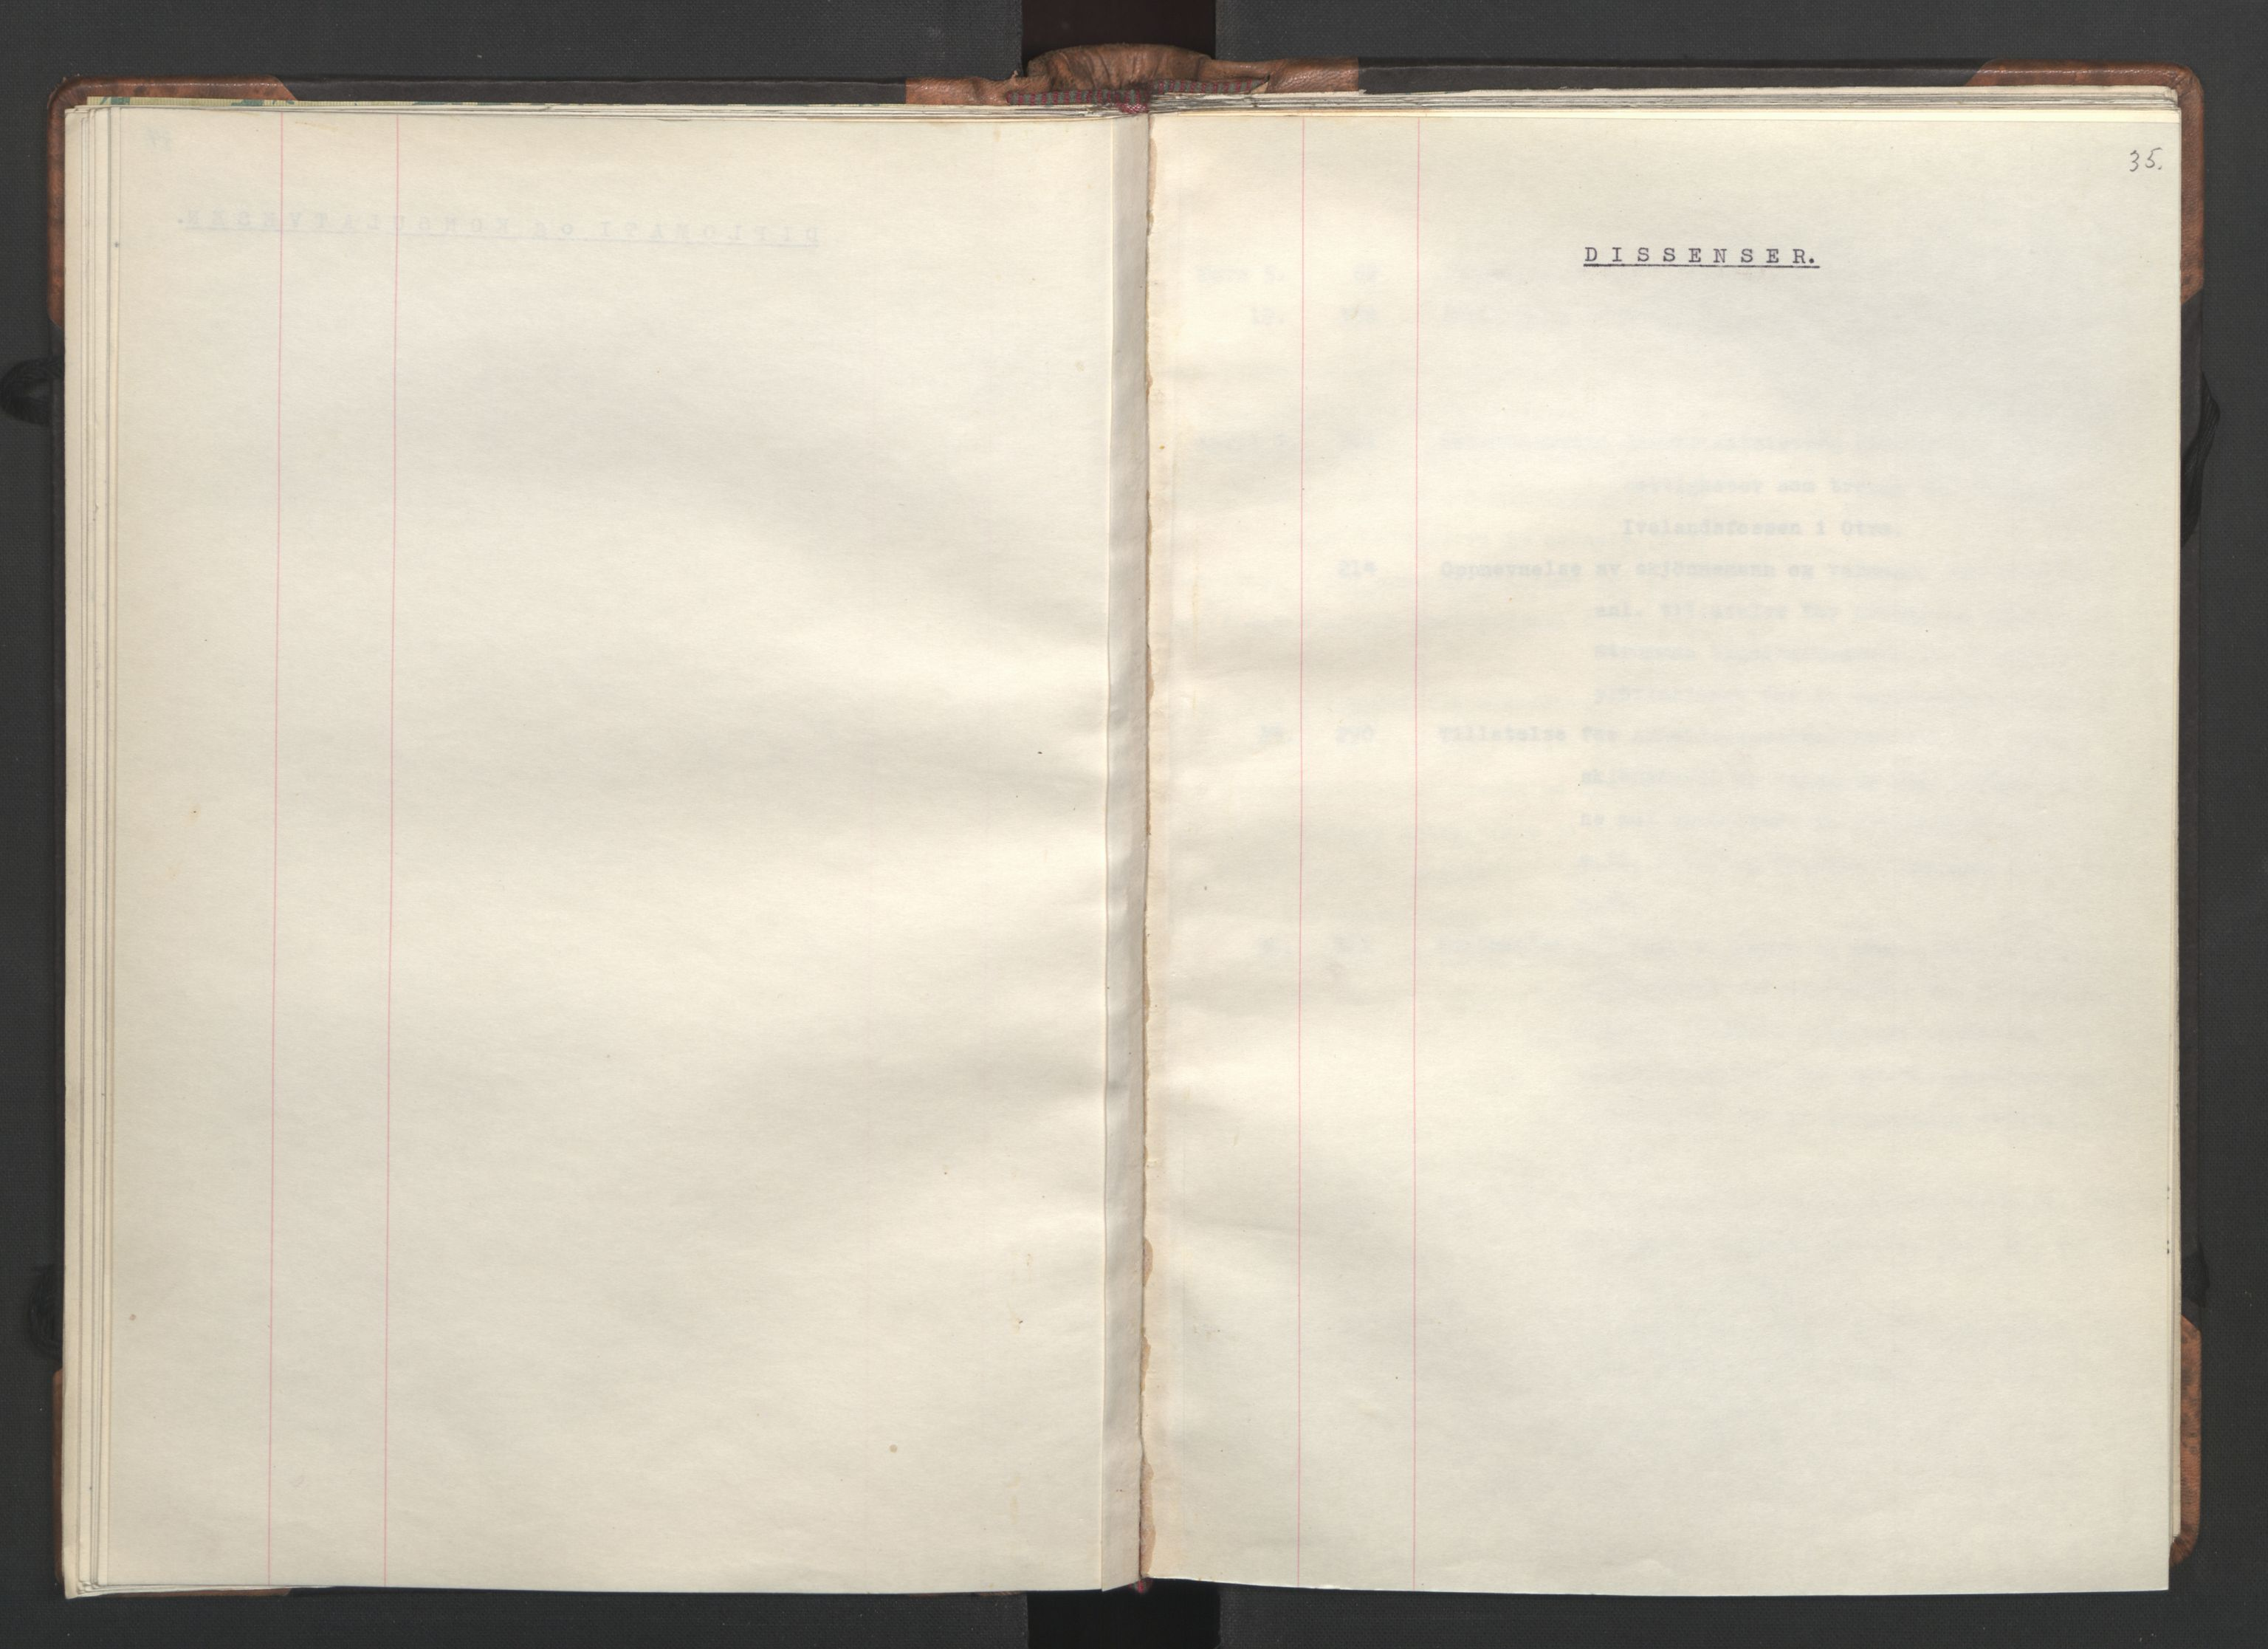 RA, NS-administrasjonen 1940-1945 (Statsrådsekretariatet, de kommisariske statsråder mm), D/Da/L0002: Register (RA j.nr. 985/1943, tilgangsnr. 17/1943), 1942, s. 34b-35a